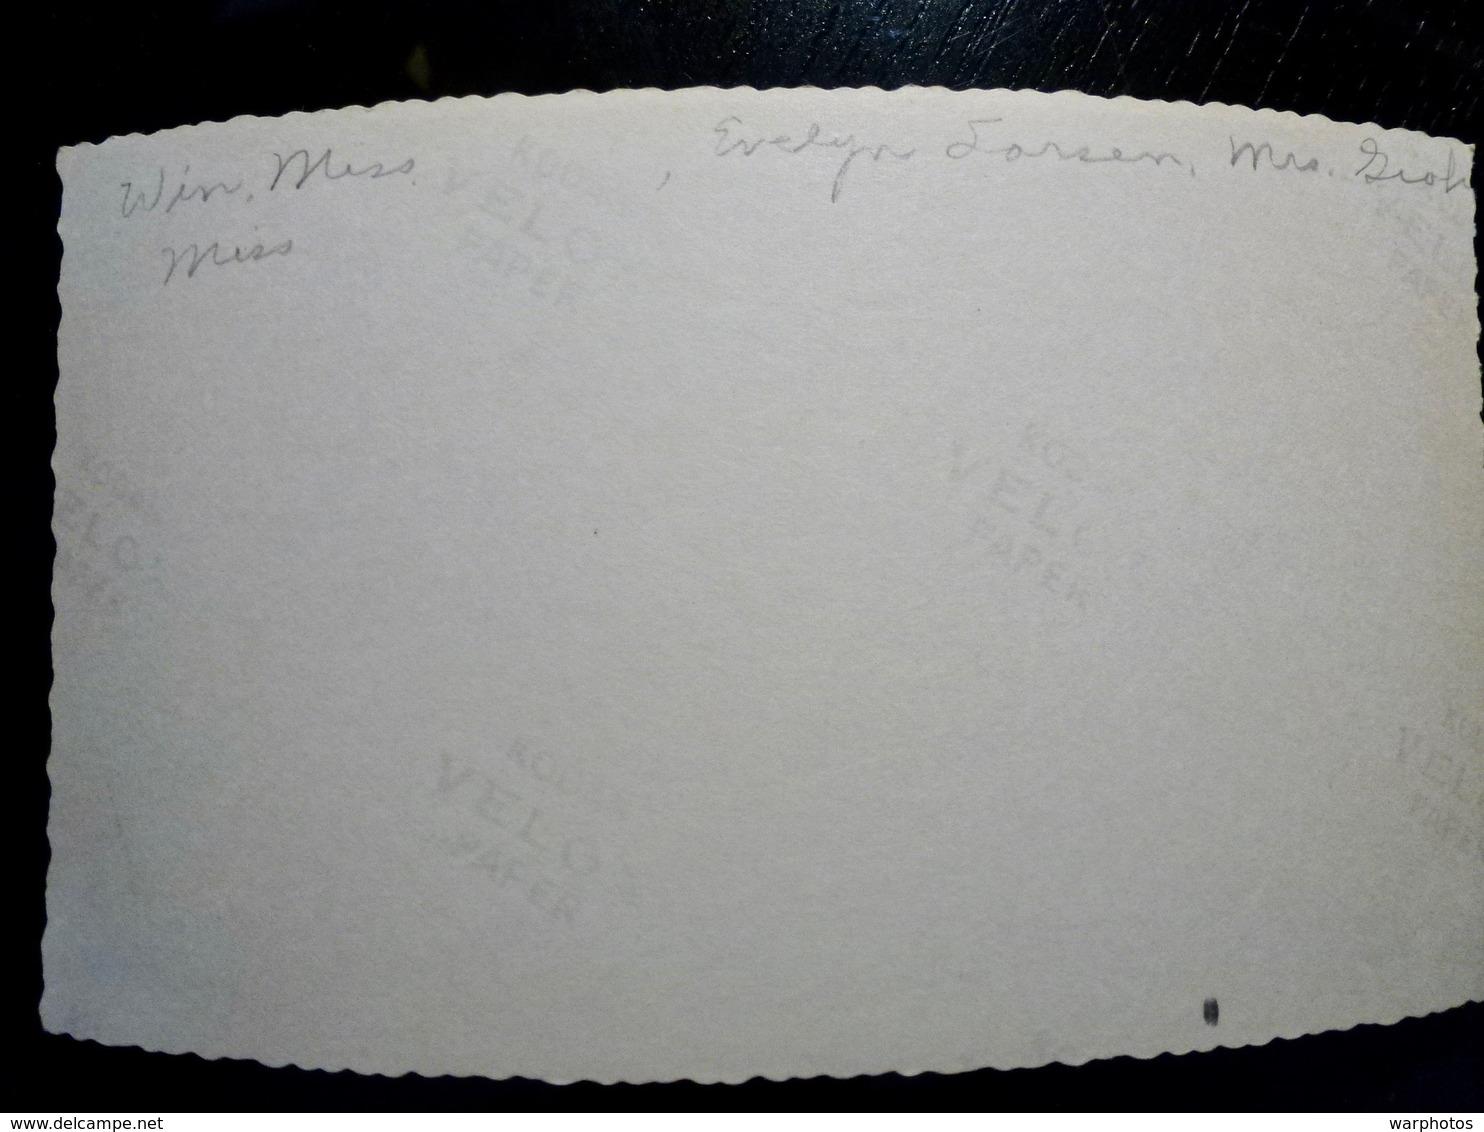 PHOTO ORIGINALE _ VINTAGE SNAPSHOT : CROISIERE _ PAQUEBOT _ UNITED STATES _ 1957 - Bateaux